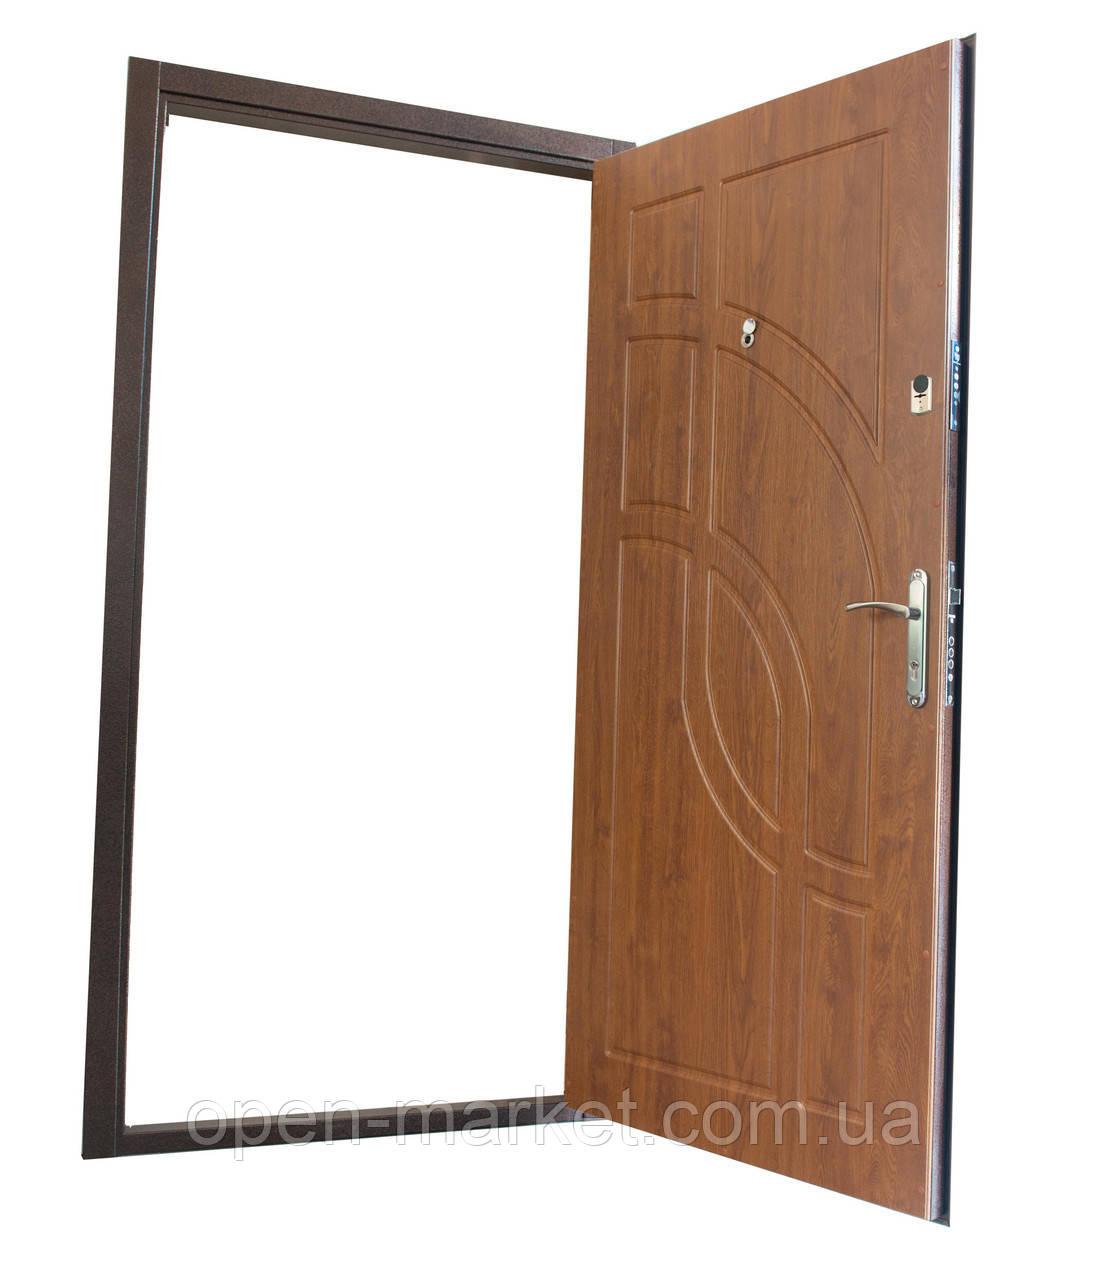 Двери уличные Зеленый Гай Николаевская область